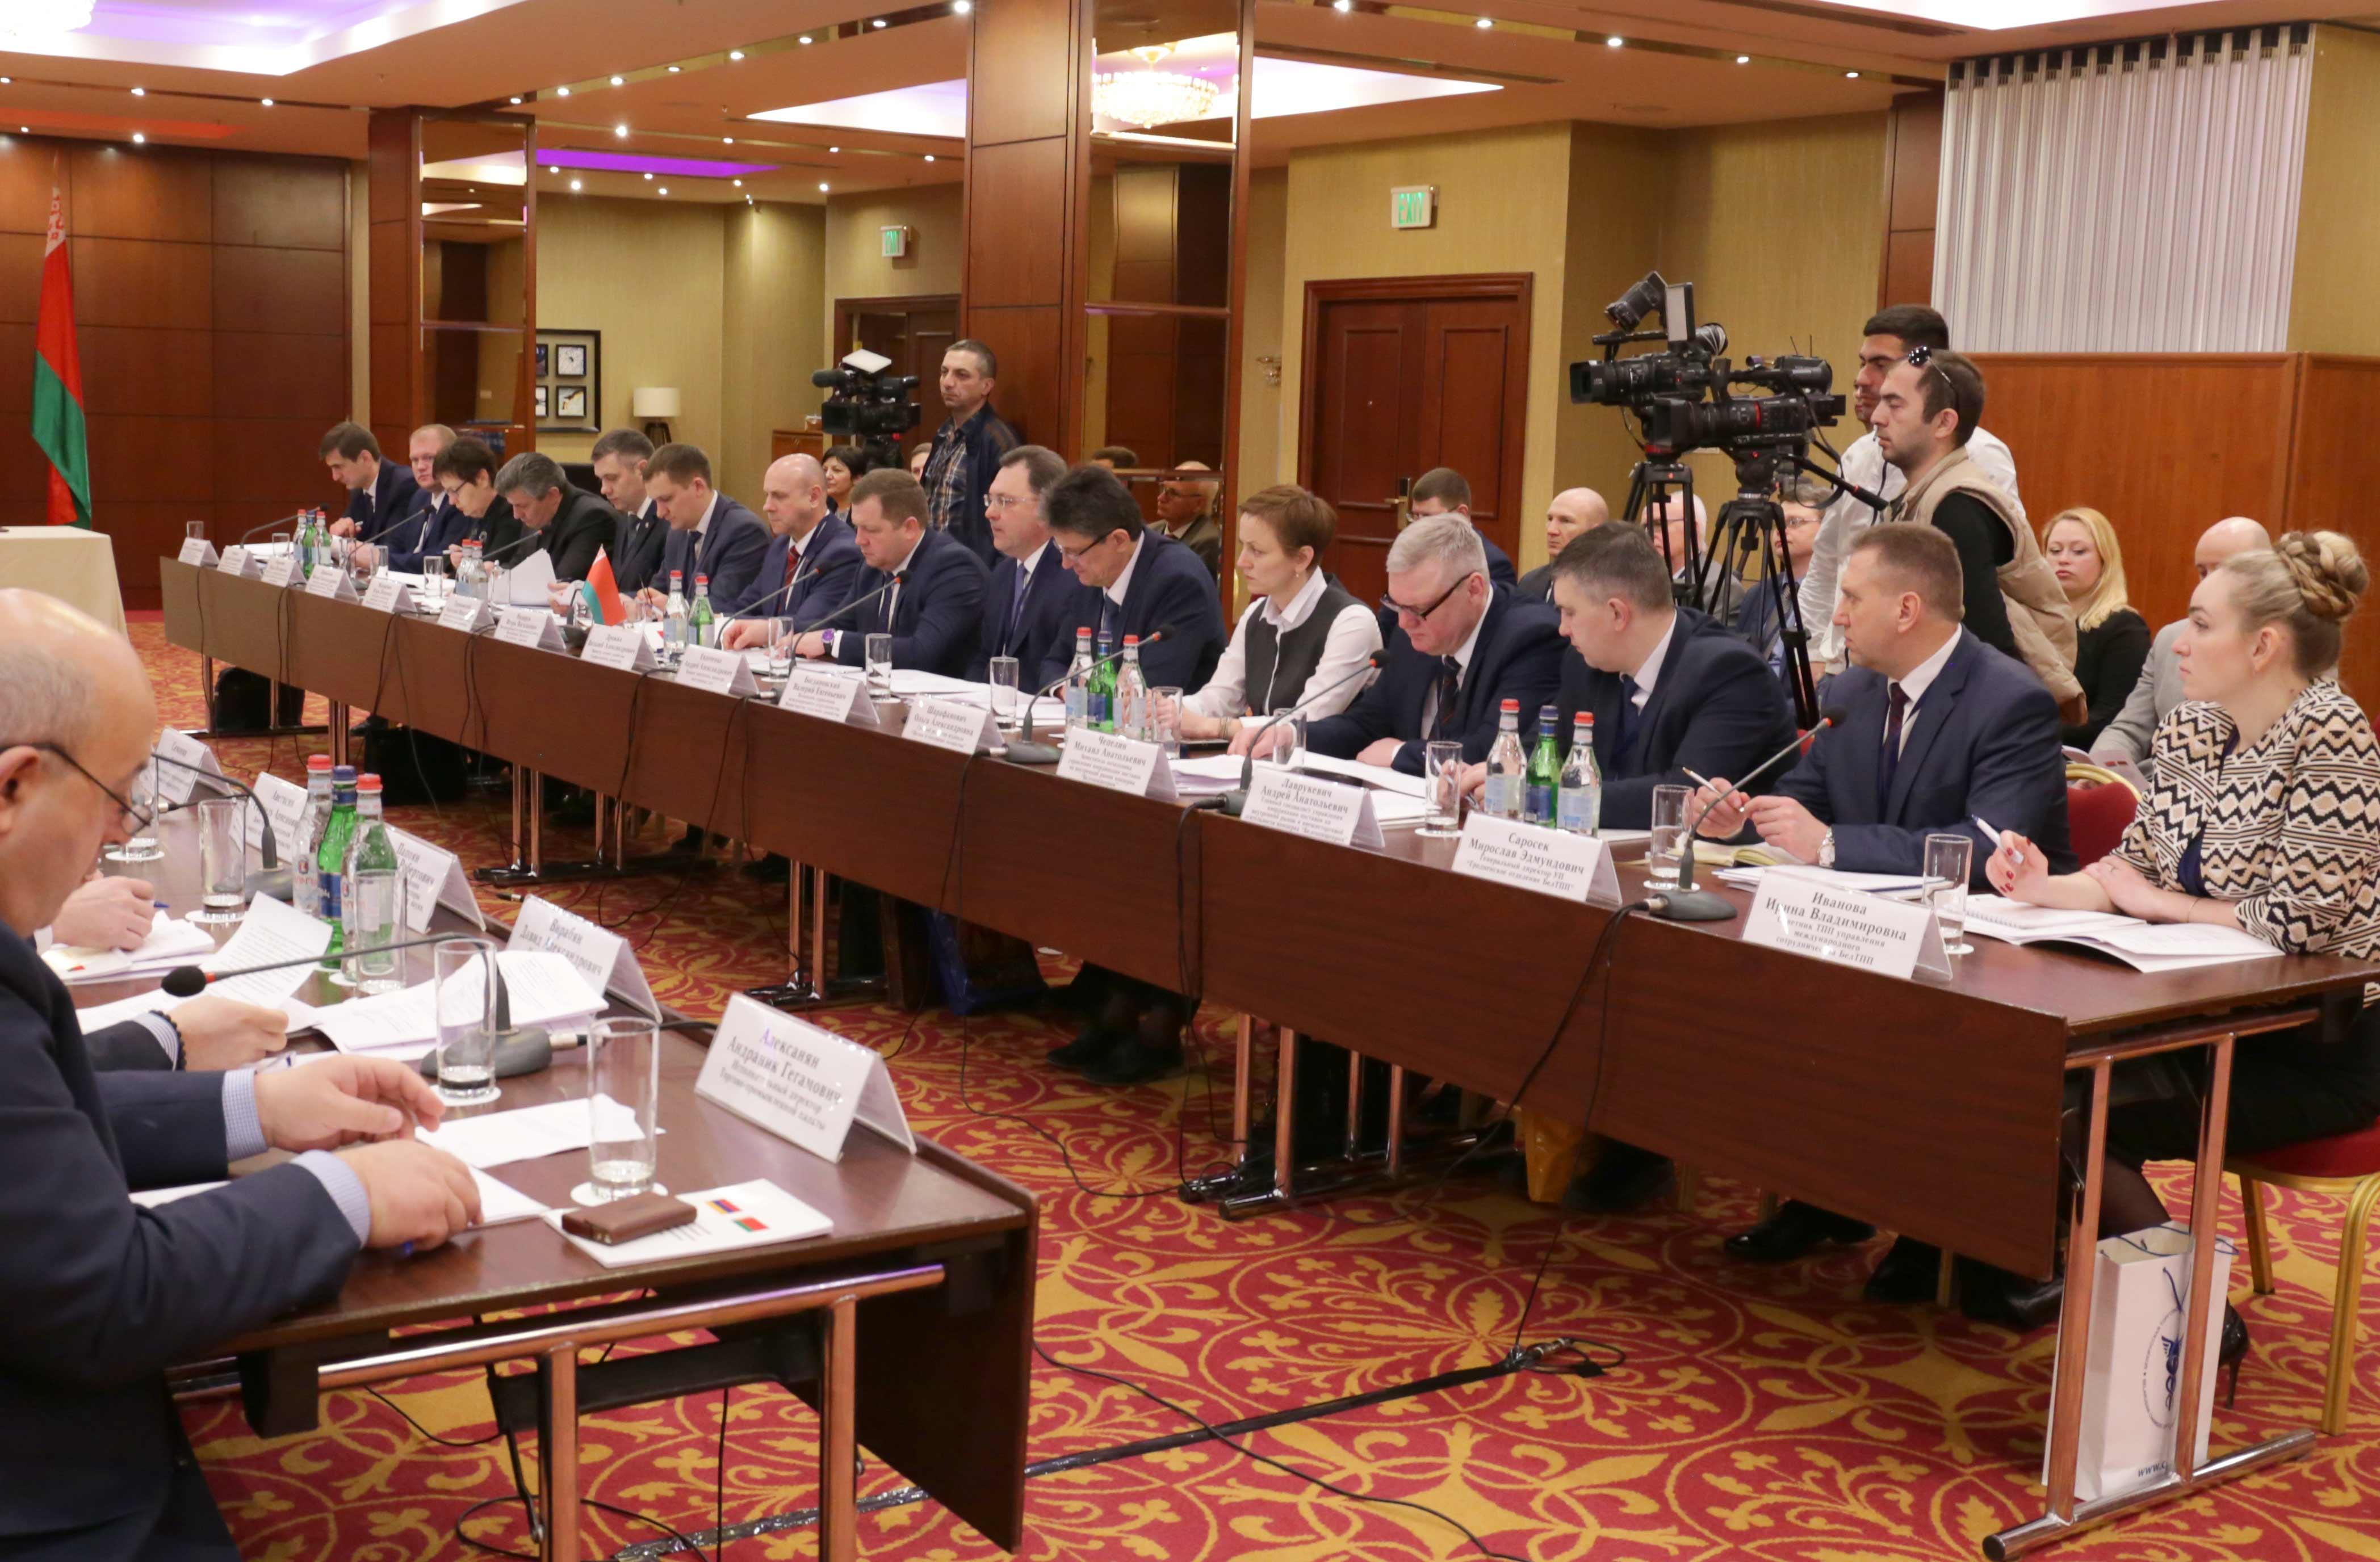 Հայ-բելառուսական առևտրատնտեսական համագործակցությանը նոր թափ կհաղորդվի․ կայացել է հայ-բելառուսական միջկառավարական հանձնաժողովի 14-րդ նիստը